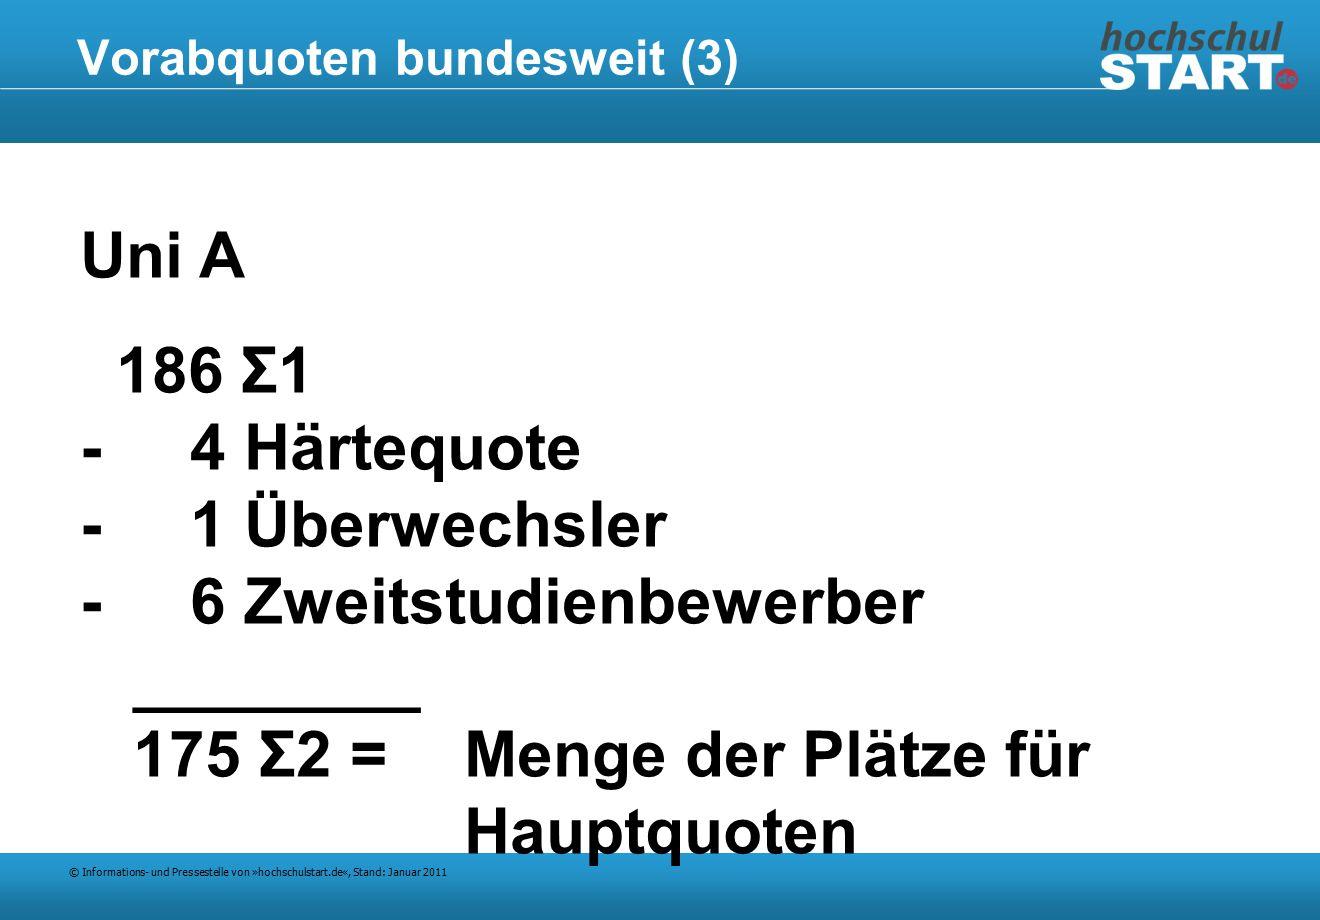 © Informations- und Pressestelle von »hochschulstart.de«, Stand: Januar 2011 Vorabquoten bundesweit (3) Uni A 186 Σ1 - 4 Härtequote - 1 Überwechsler - 6 Zweitstudienbewerber ________ 175 Σ2 =Menge der Plätze für Hauptquoten